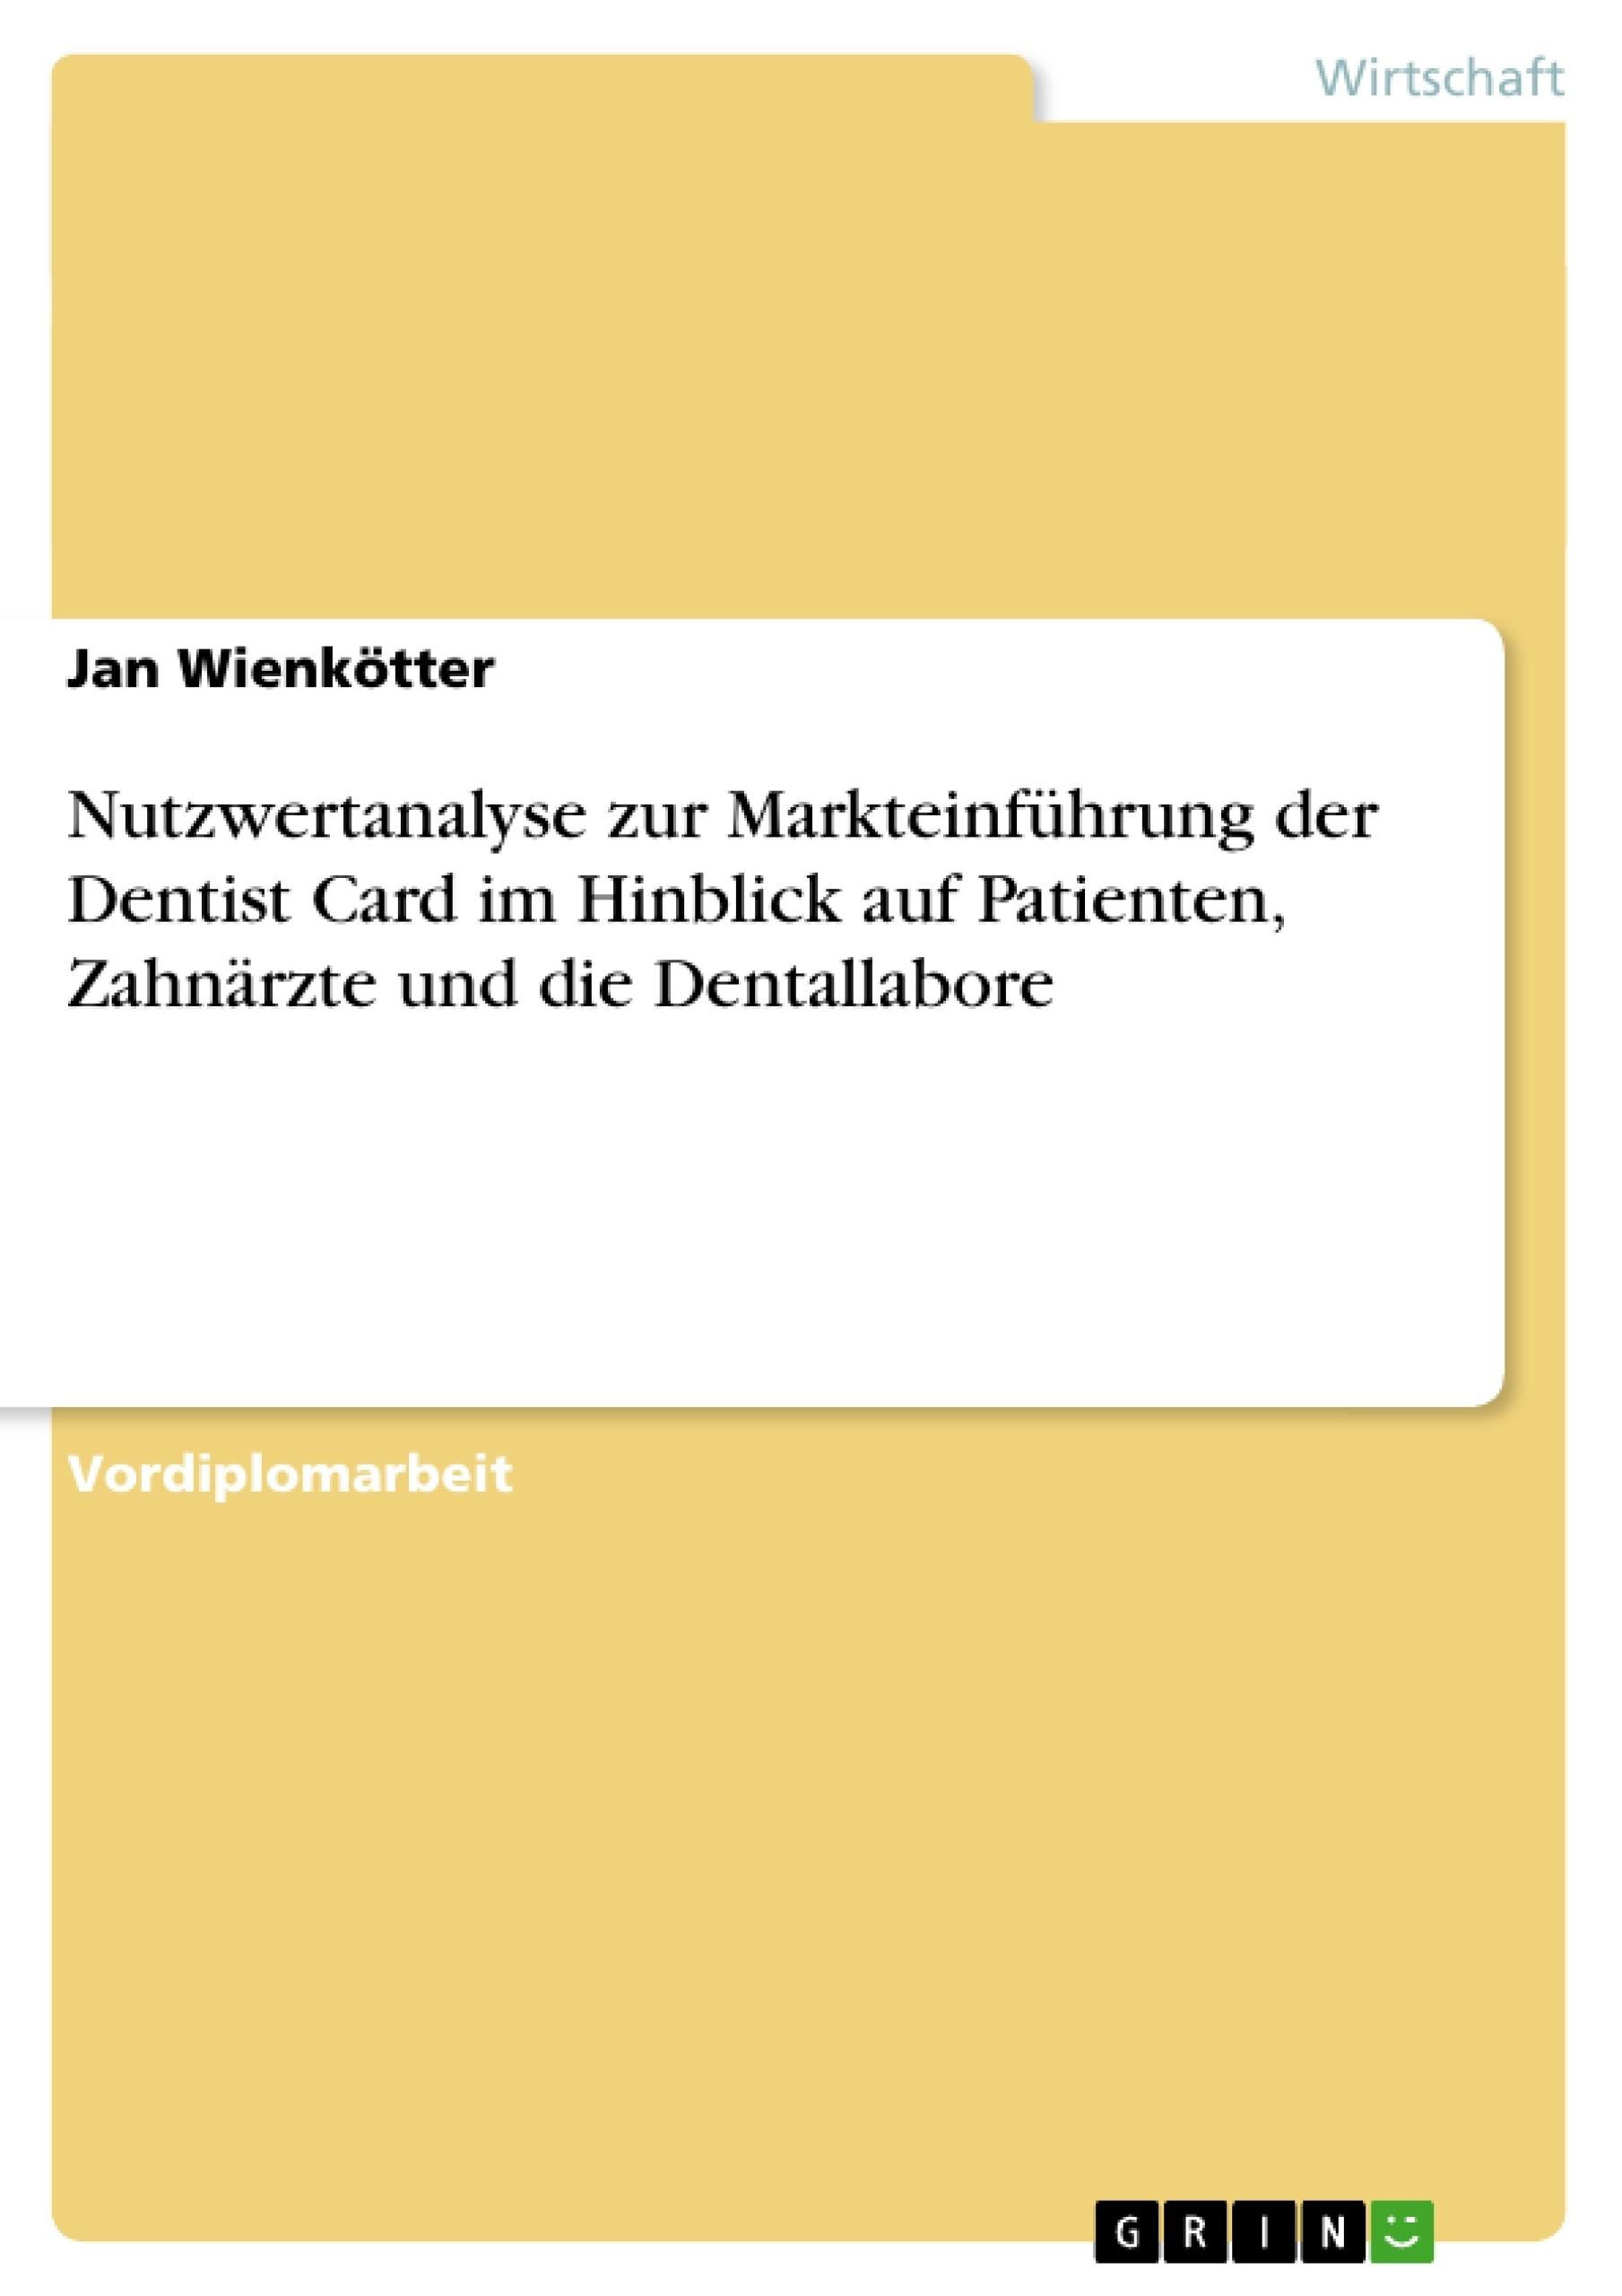 Titel: Nutzwertanalyse zur Markteinführung der Dentist Card im Hinblick auf Patienten, Zahnärzte und die Dentallabore